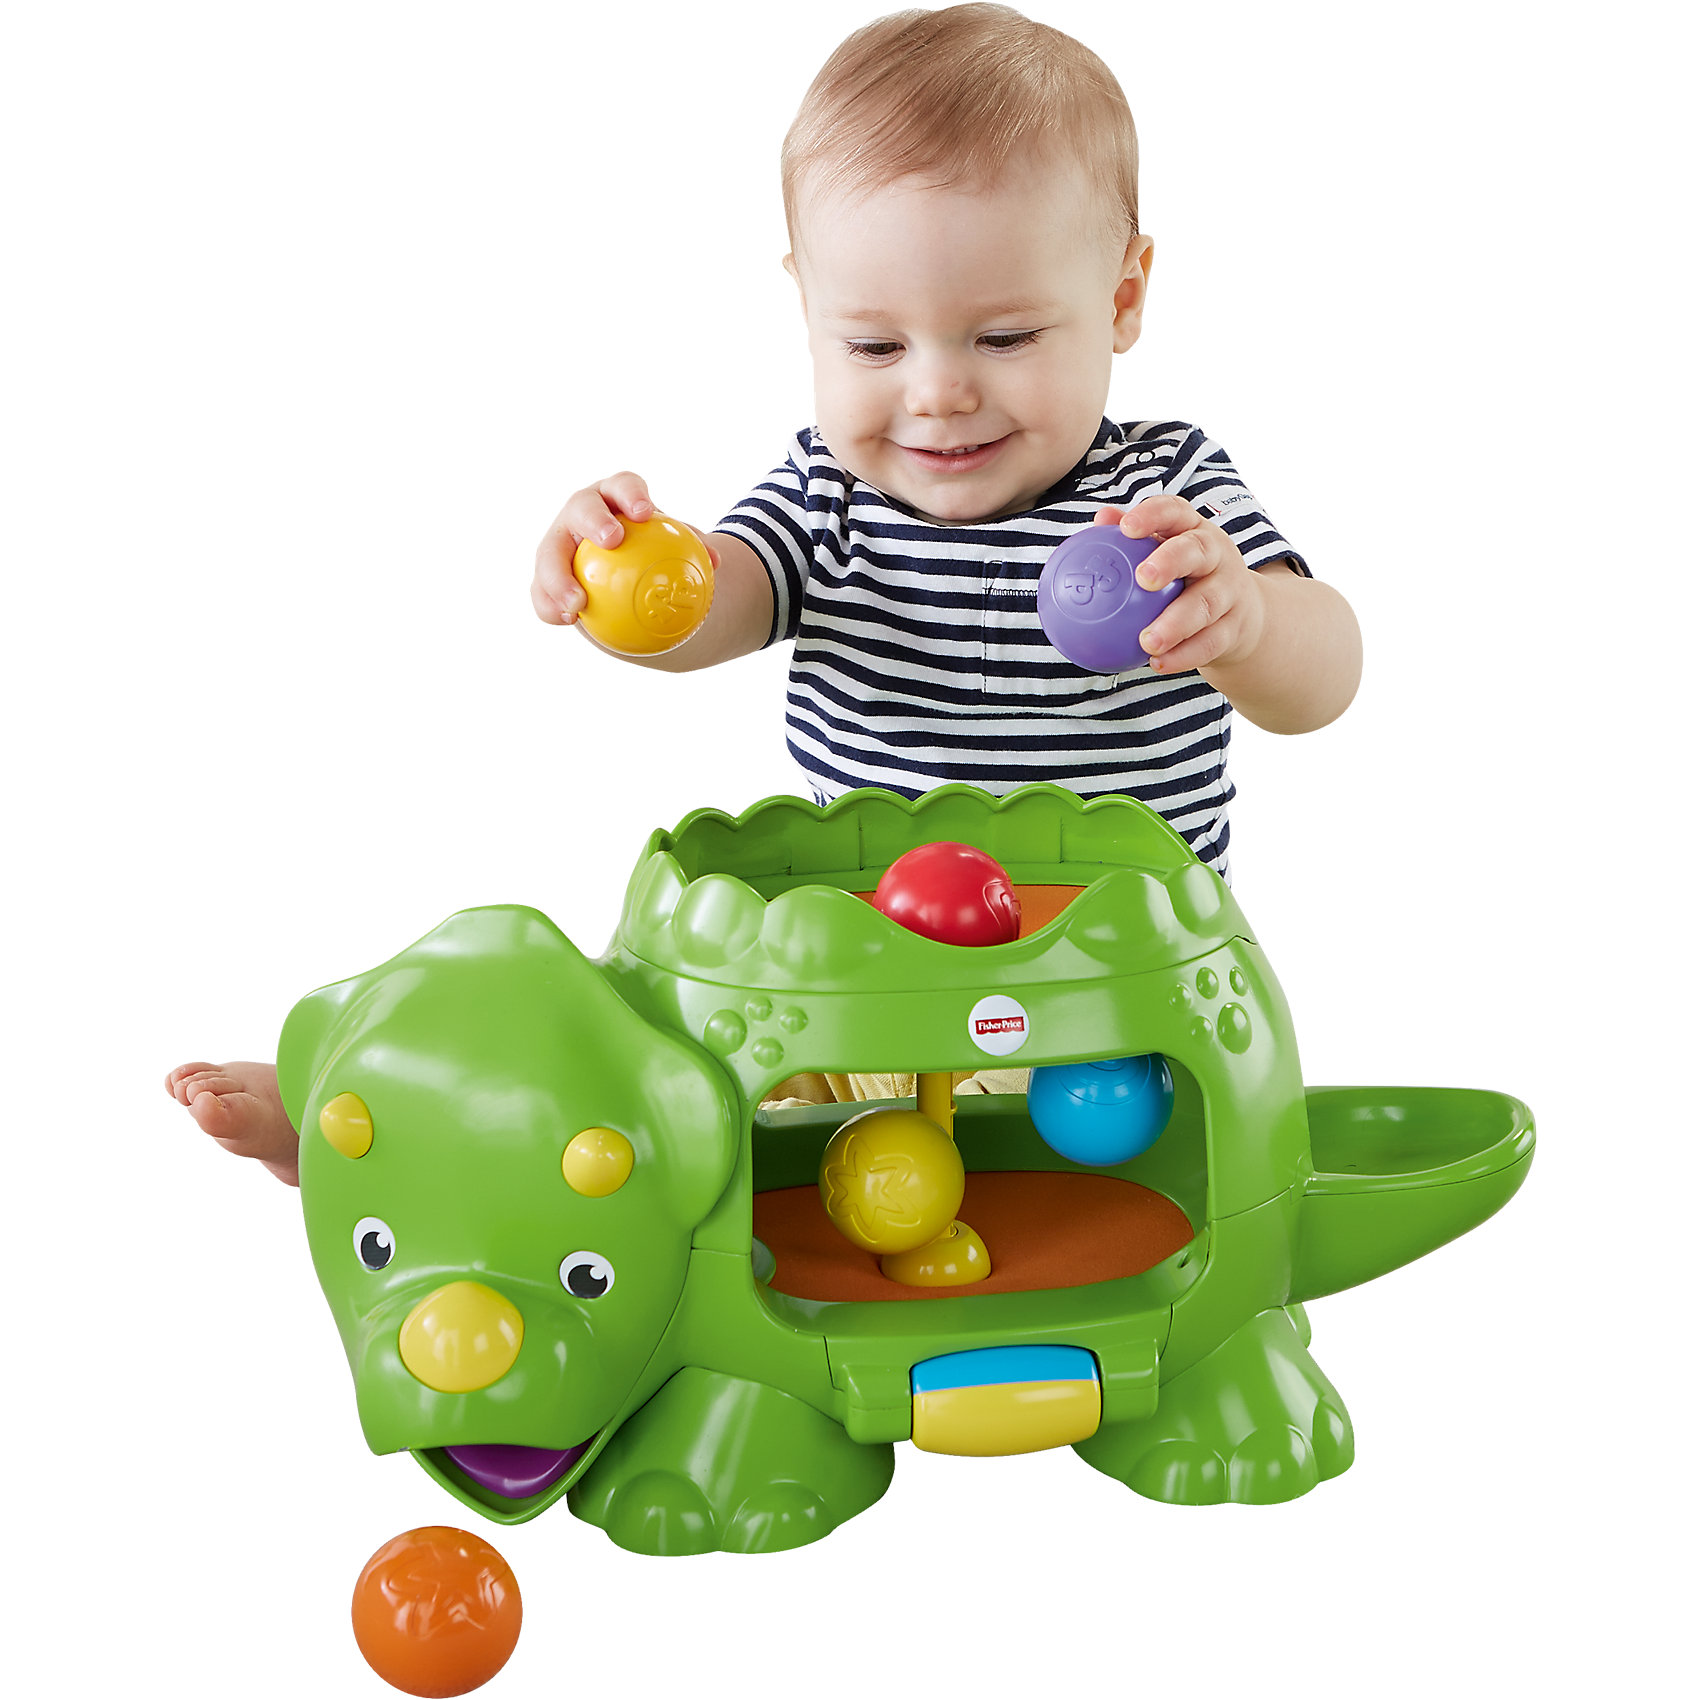 Динозавр с  шариками, Fisher PriceИнтерактивные игрушки для малышей<br>Динозавр с  шариками от популярного американского бренда Fisher Price (Фишер Прайс). Этот яркий большой динозавр увлечет кроху своей необычной игрой. Положив шарики в живот динозавра, ребенку нужно покрутить цветной ролик, активируя прыгающий внутри механизм и заставляя шарики невысоко подскакивать и появляться то в хвосте динозавра, то во рту. Шесть ярких шариков входят в комплект и помогут малышу учить цвета. Динозавр поможет развить моторику рук и принесет много радости своими забавными шариками, ведь за ними так весело наблюдать! <br>Дополнительная информация:<br><br>- В набор входит: динозавр, 6 шариков<br>- Состав: пластик<br>- Элементы питания: 3 батареи типа С  LR14 1.5V ( нет в наборе)<br>- Размер: 44 * 24 * 19<br><br><br>Динозавра с  шариками, Fisher Price (Фишер Прайс) можно купить в нашем интернет-магазине.<br><br>Ширина мм: 531<br>Глубина мм: 327<br>Высота мм: 137<br>Вес г: 1705<br>Возраст от месяцев: 6<br>Возраст до месяцев: 24<br>Пол: Мужской<br>Возраст: Детский<br>SKU: 4641707